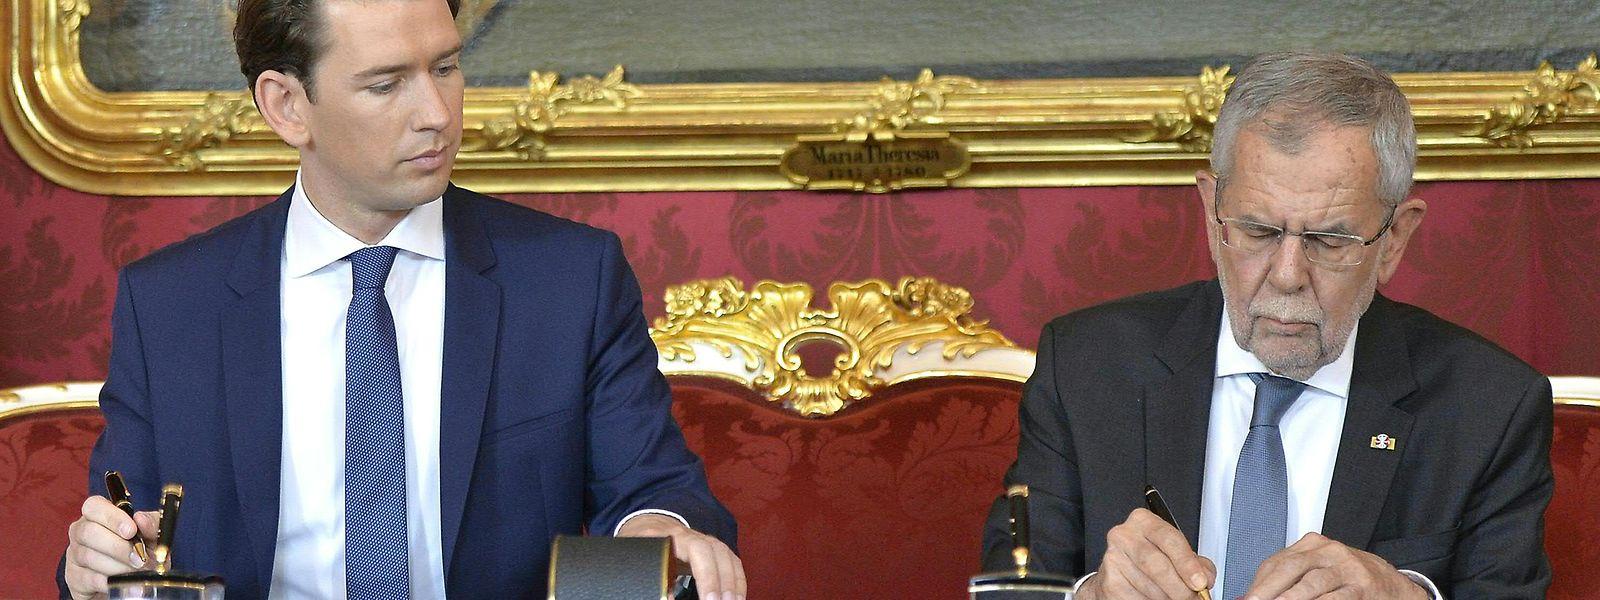 ebastian Kurz (ÖVP), Bundeskanzler von Österreich, und Alexander Van der Bellen, Bundespräsident von Österreich schreiben im Rahmen der Vereidigung neuer Minister in der Präsidentschaftskanzlei.